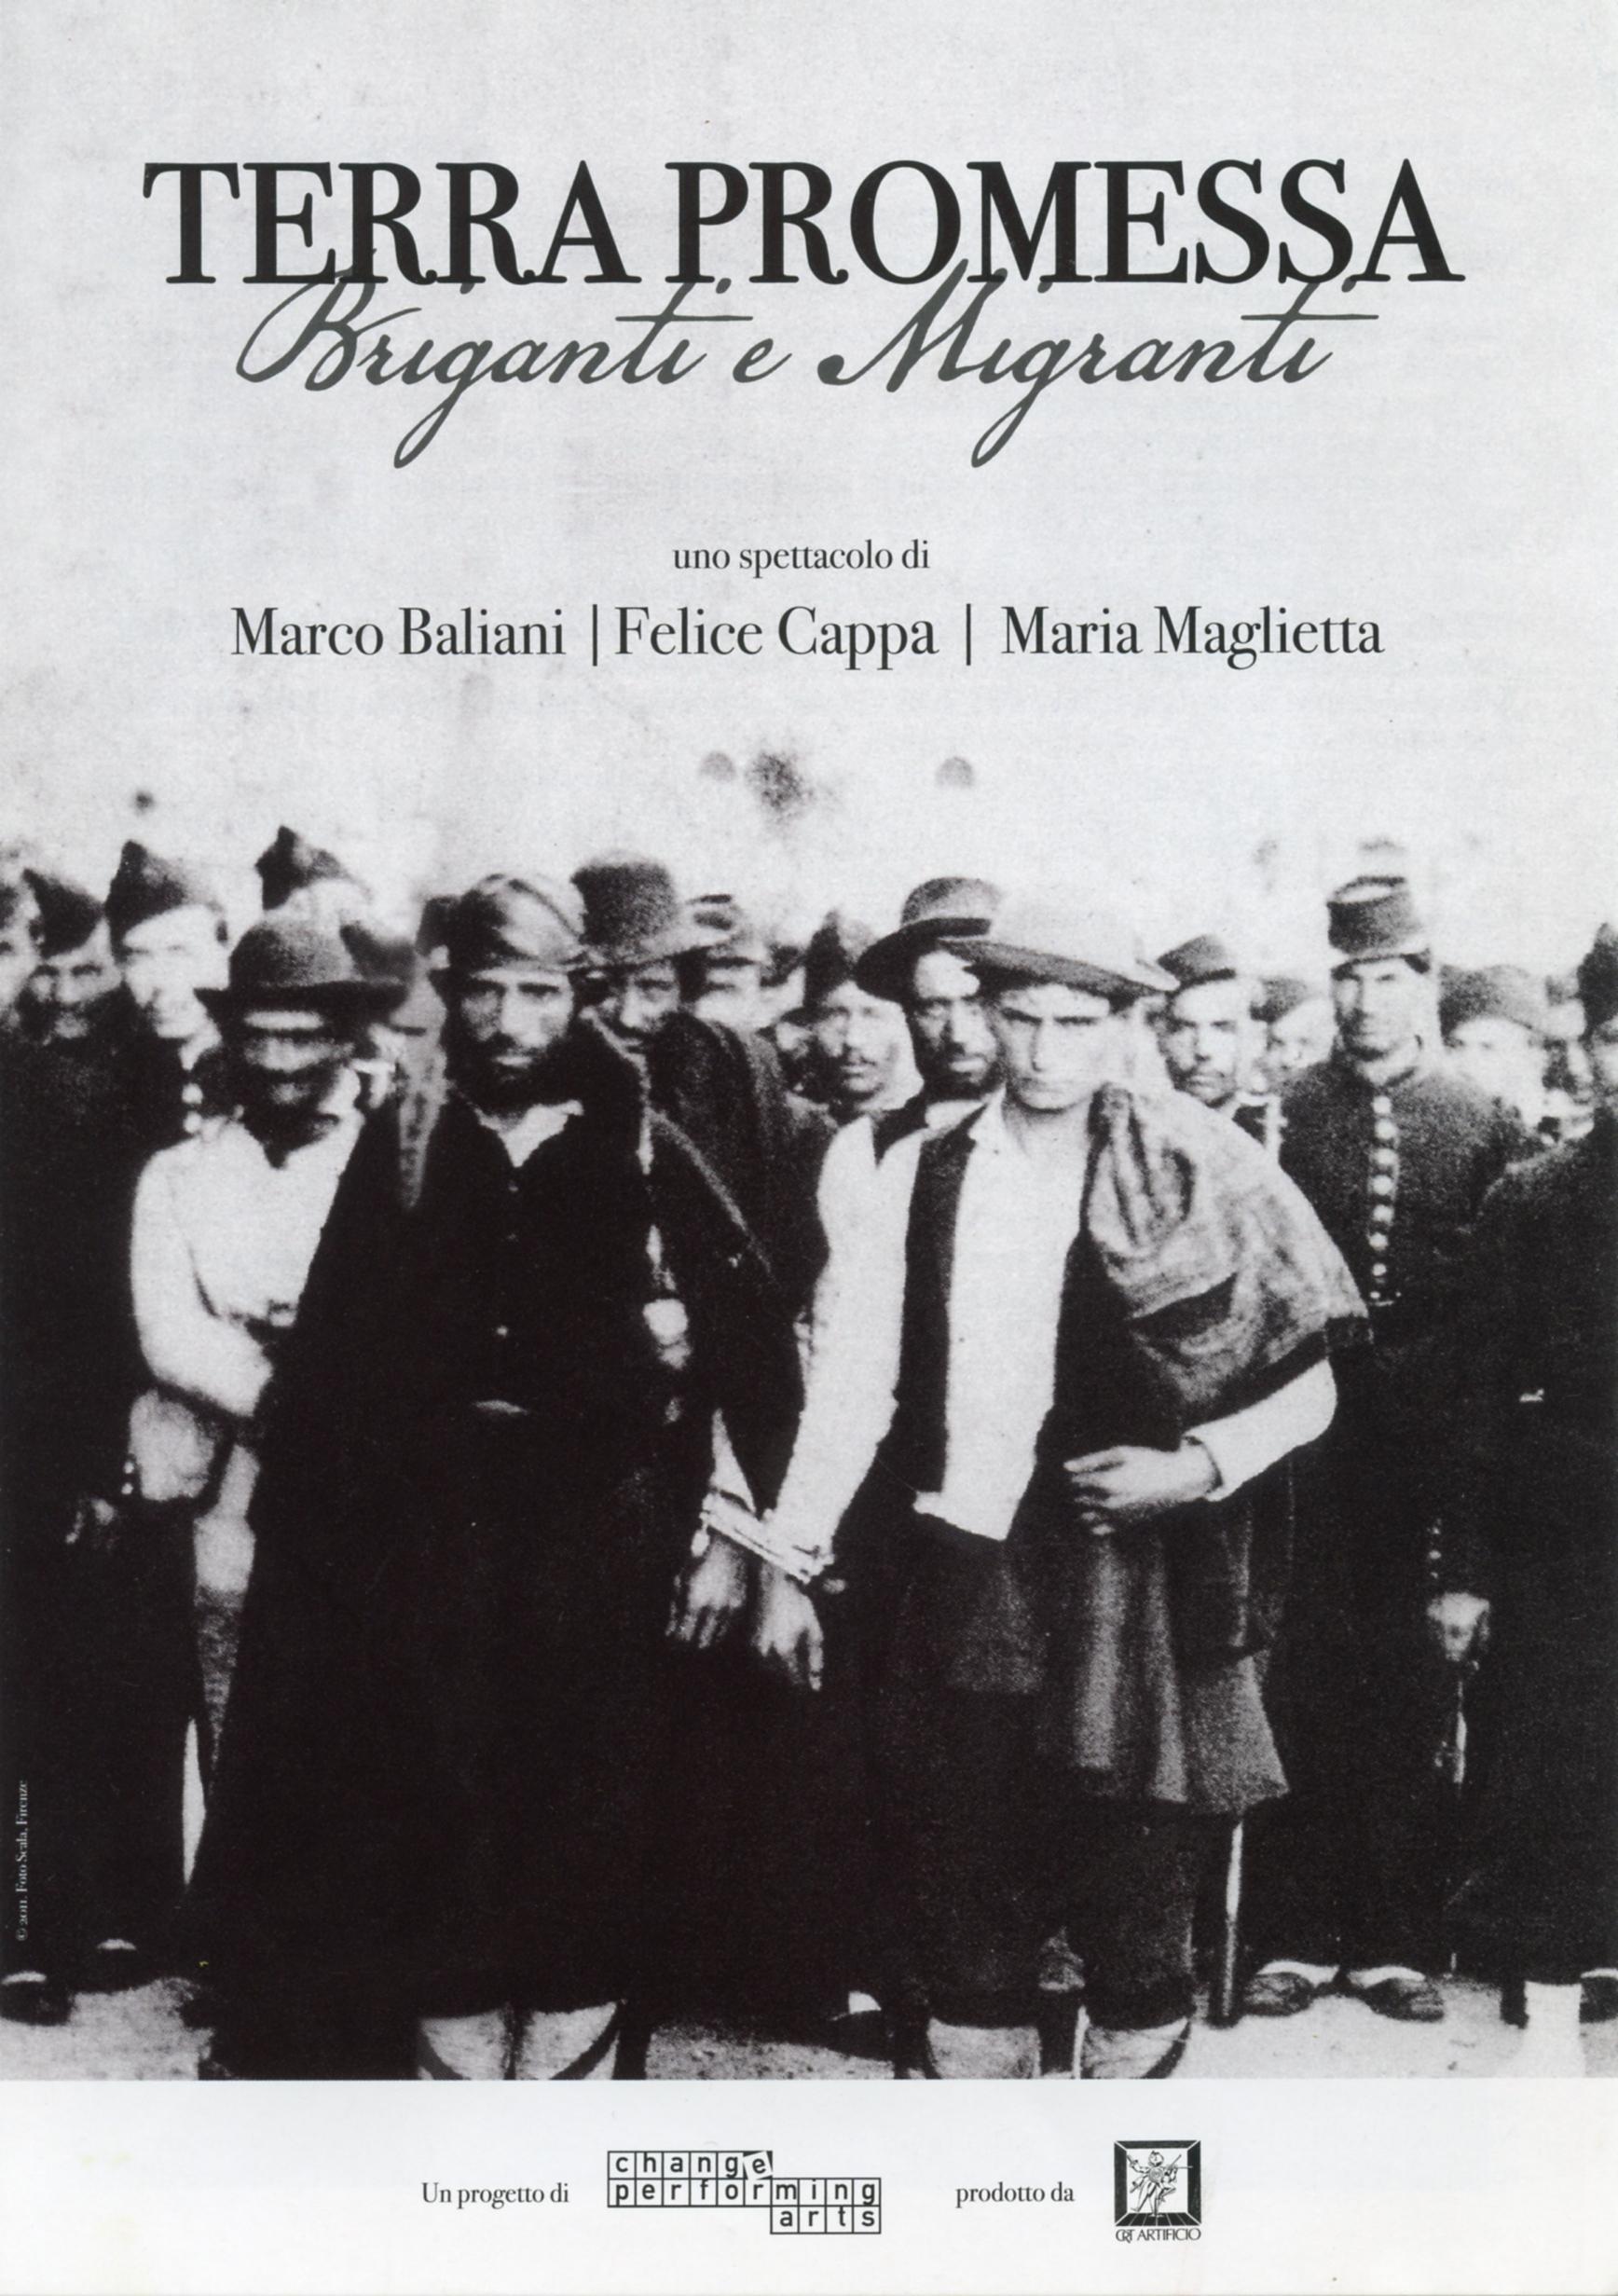 Terra promessa Briganti e Migranti